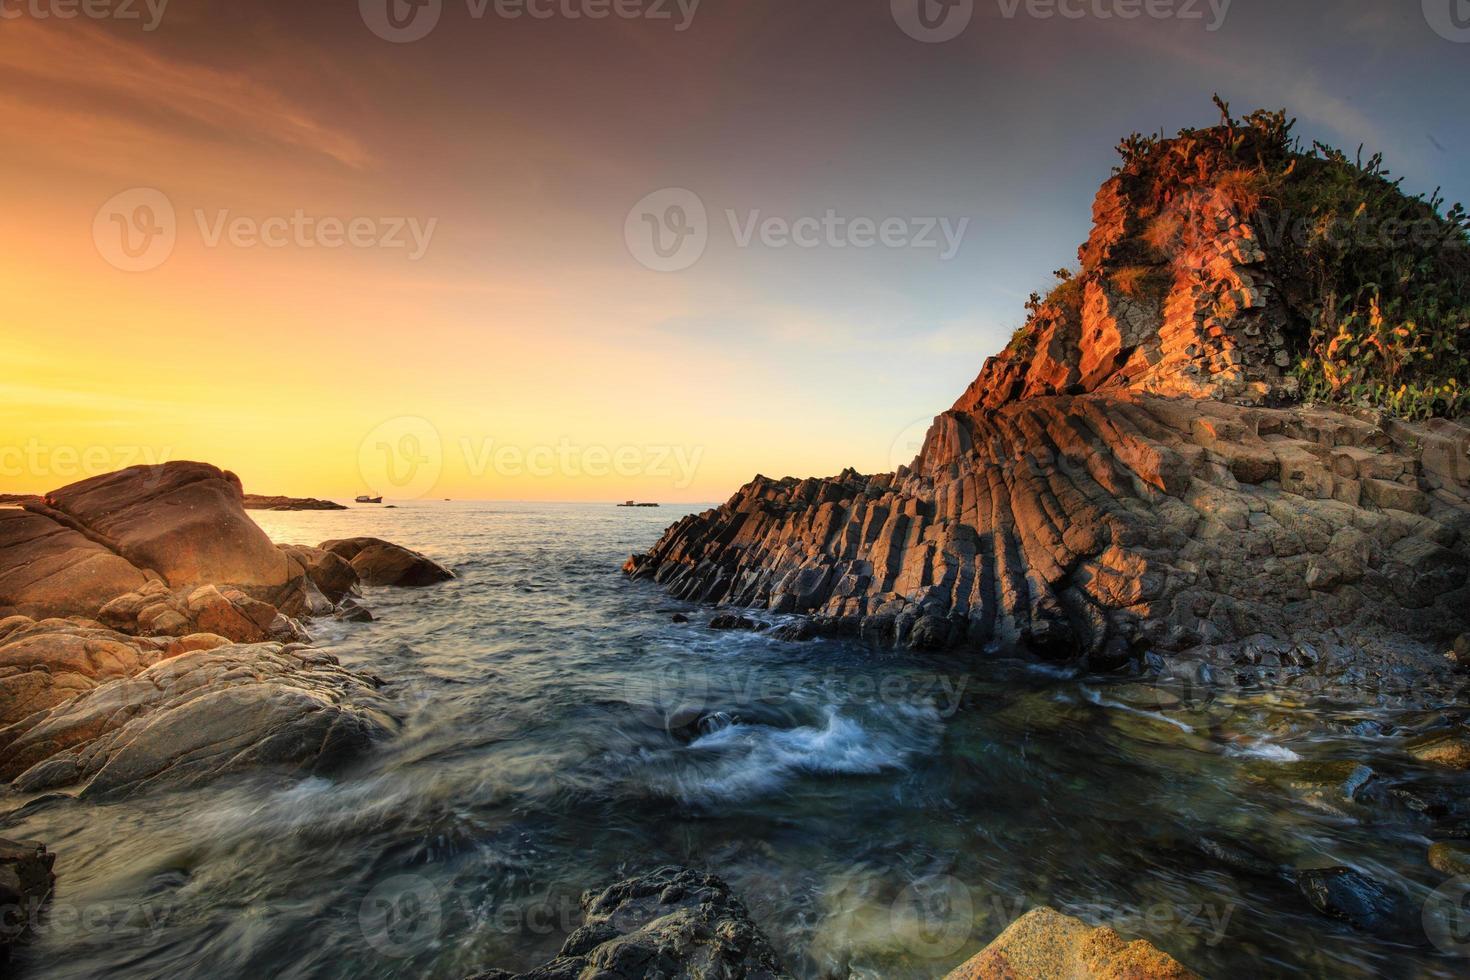 plate terraced basalt rock at Phu Yen sea, Vietnam, photo